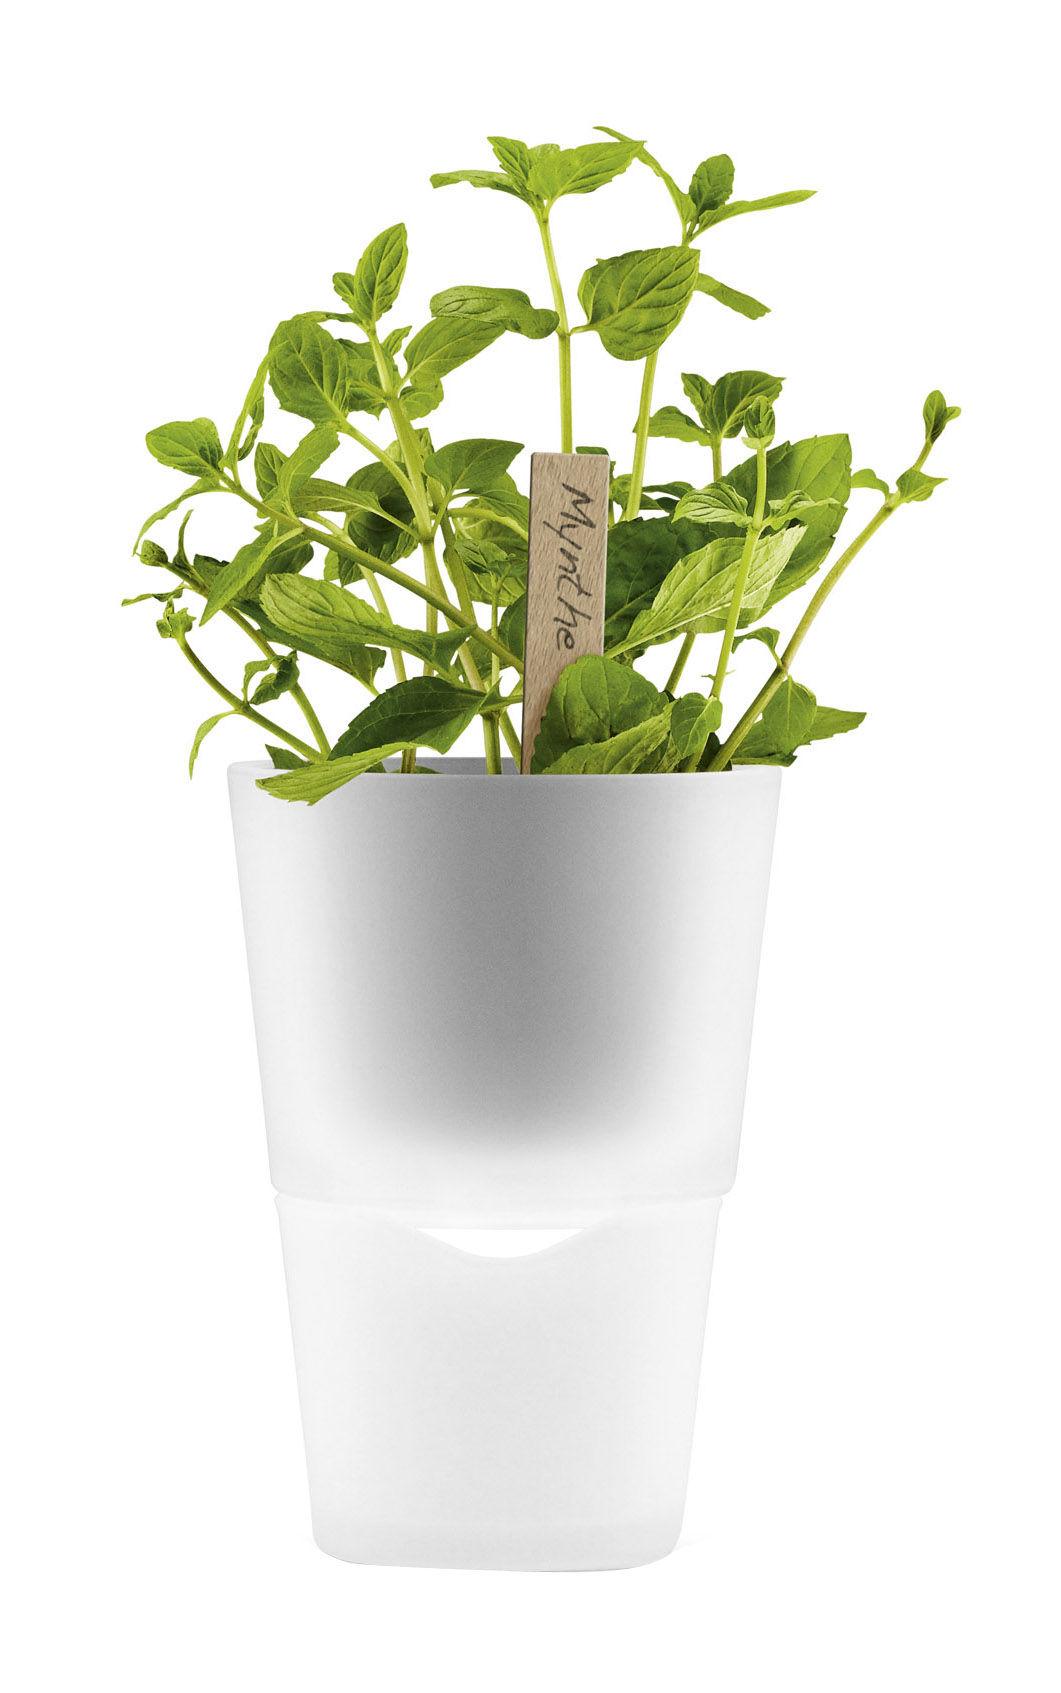 Outdoor - Vasi e Piante - vaso con riserva - con riserva d'acqua - Ø 11 cm - Vetro di Eva Solo - Ø 11 cm - Plastica, Vetro